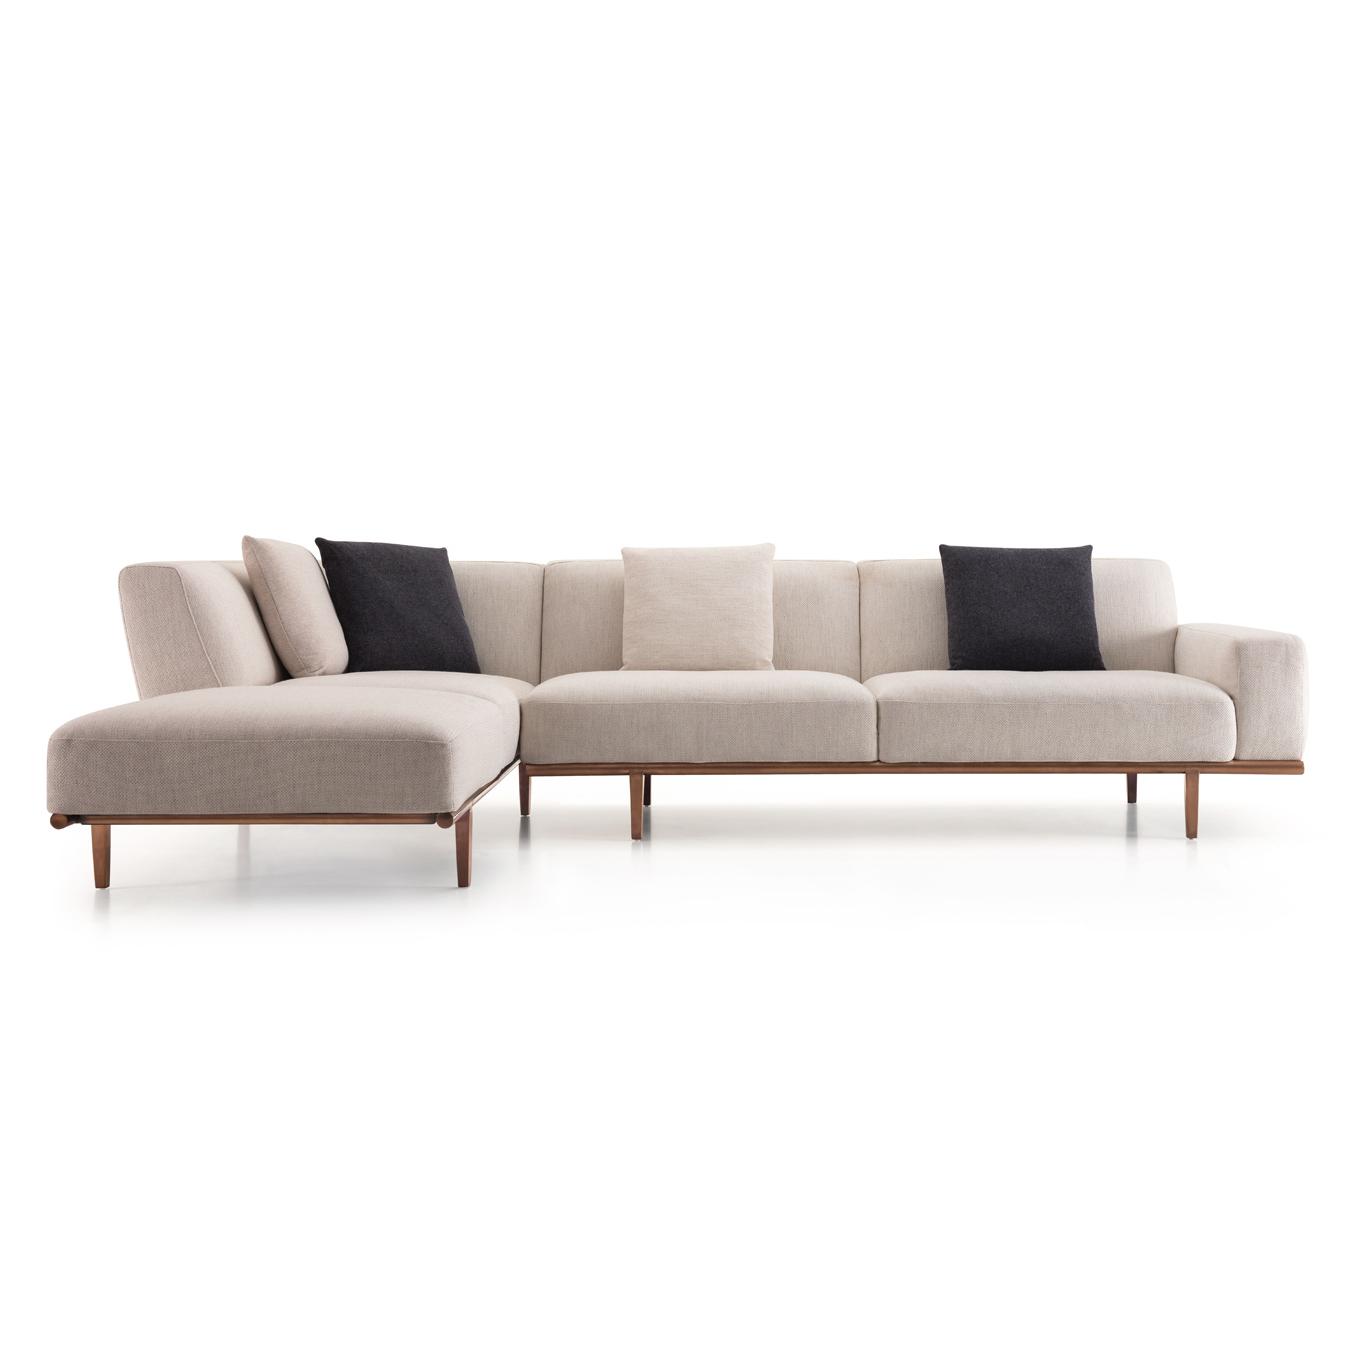 Latest Beige Sofas In Trento Corner Sofa Beige – Casa Lusso Furniture Uae (View 2 of 15)